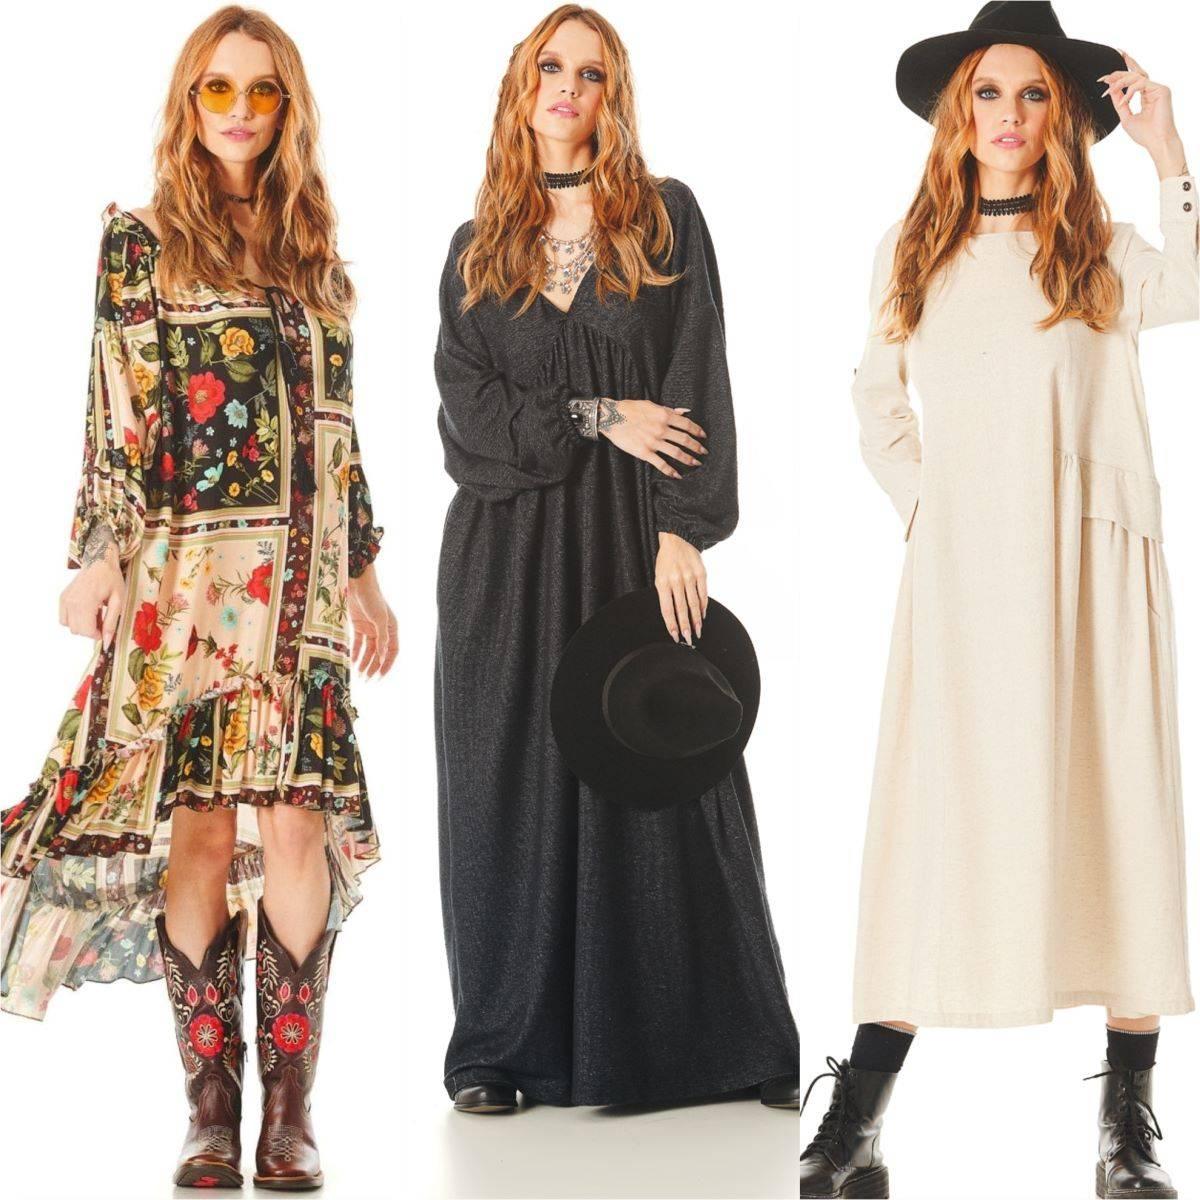 comment la robe en hiver